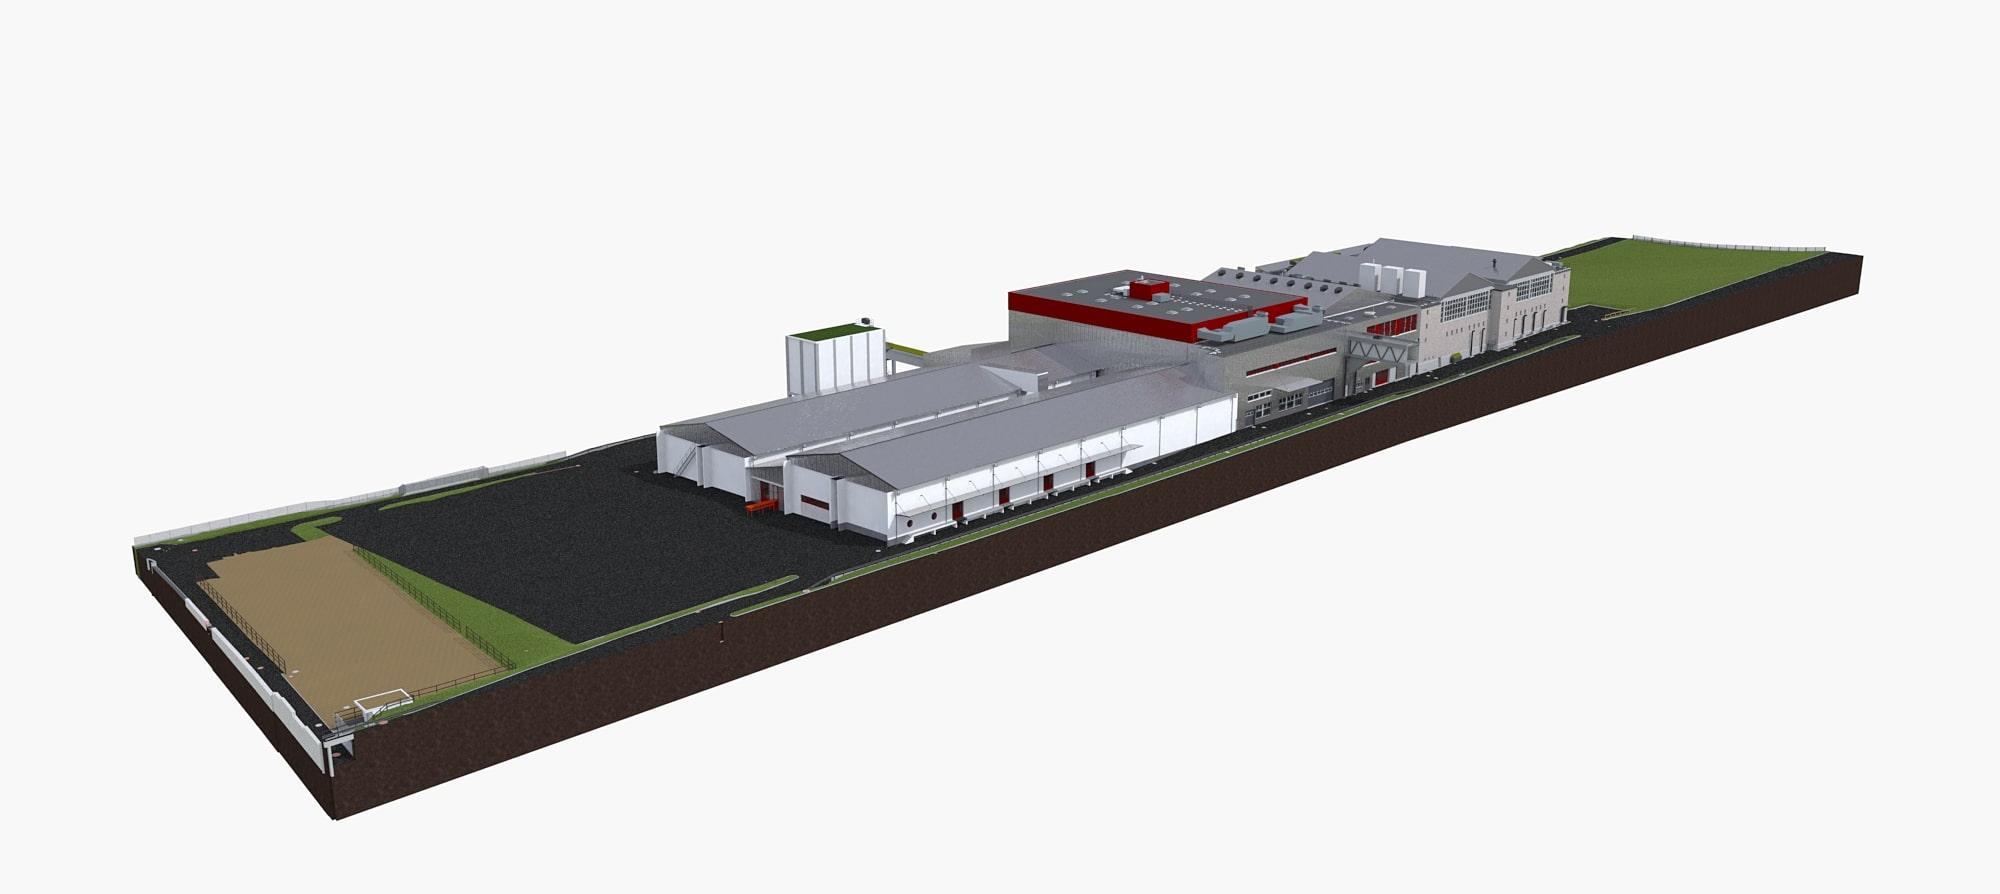 Ramseier factory